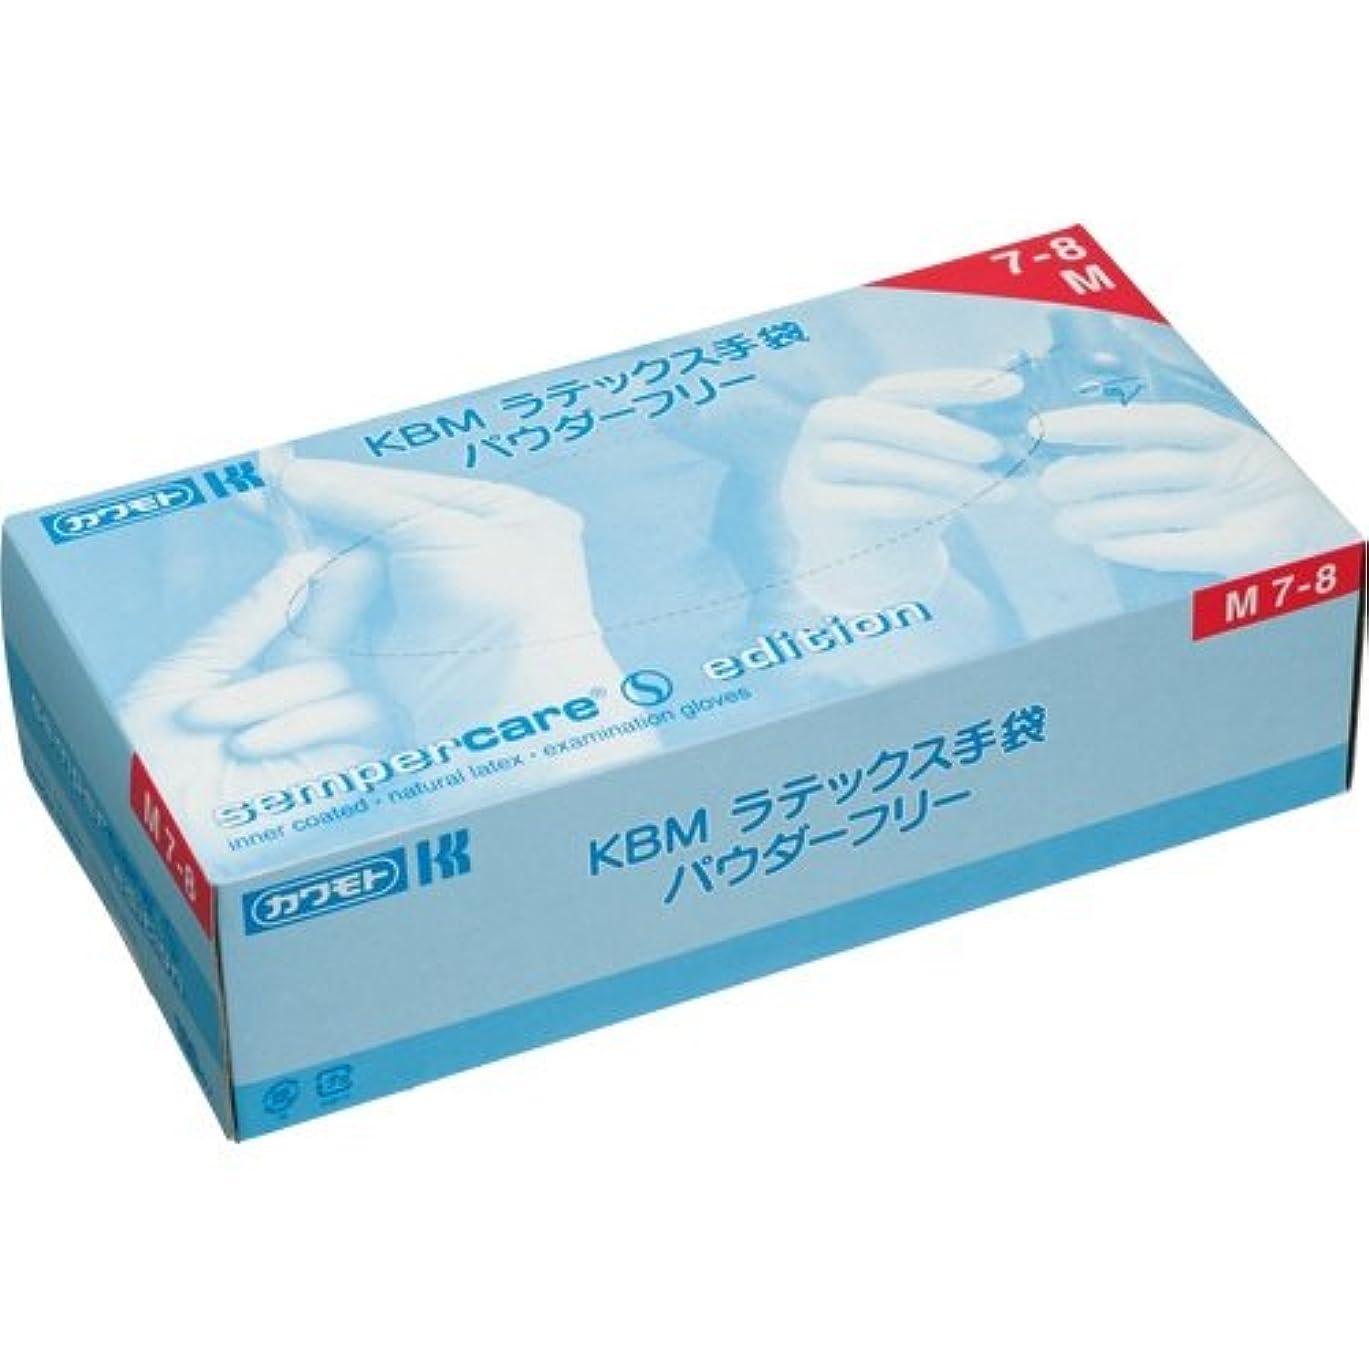 背骨気質雪のカワモト KBM ラテックス手袋 パウダーフリー M 1セット(300枚:100枚×3箱)